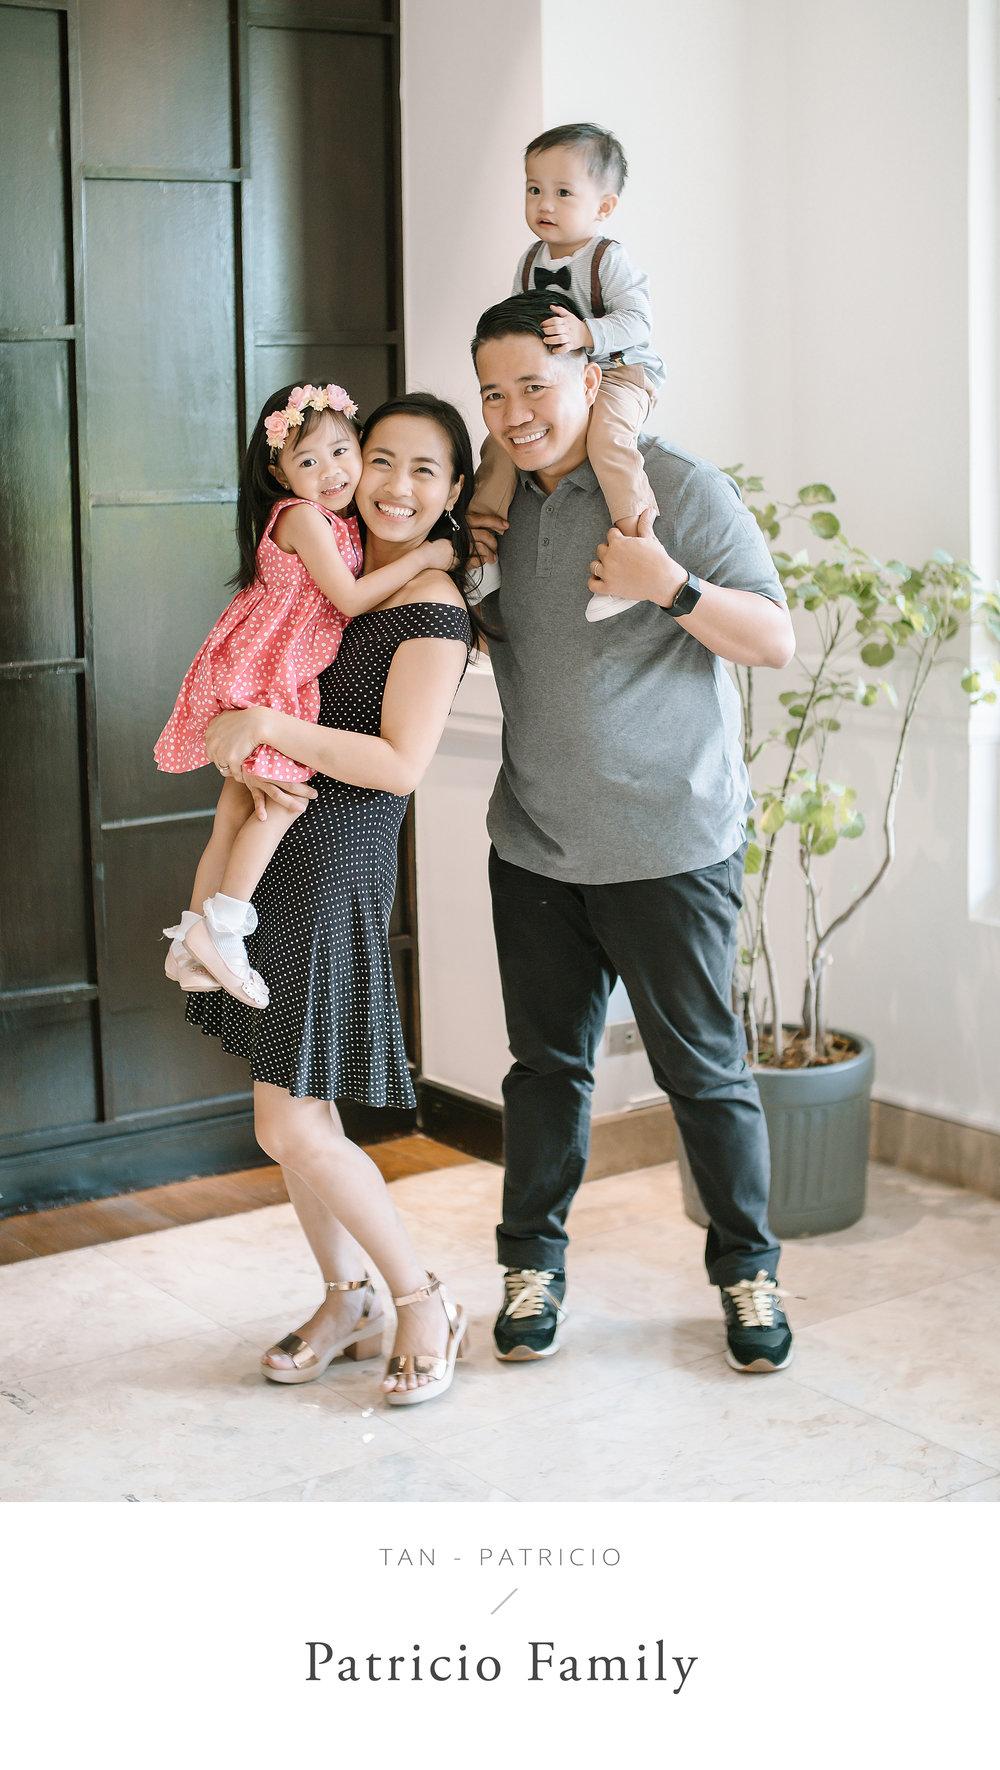 patricio-family.jpg